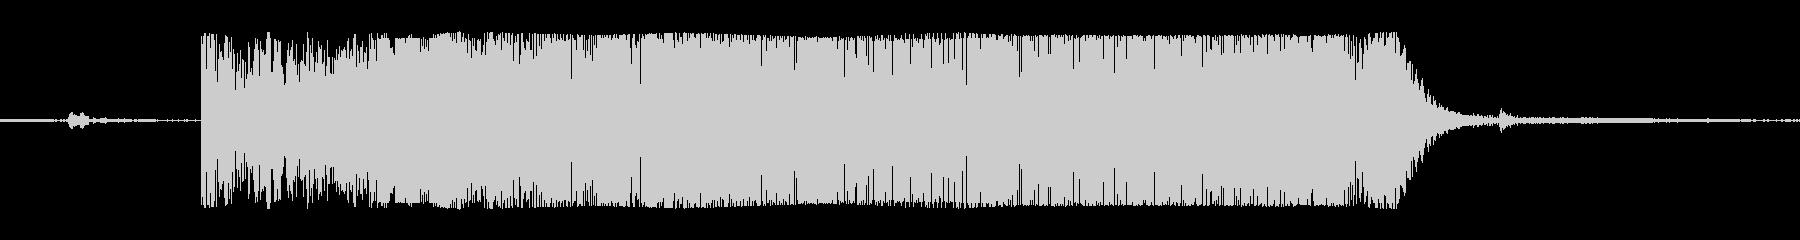 ギターメタルパワーコードiの未再生の波形